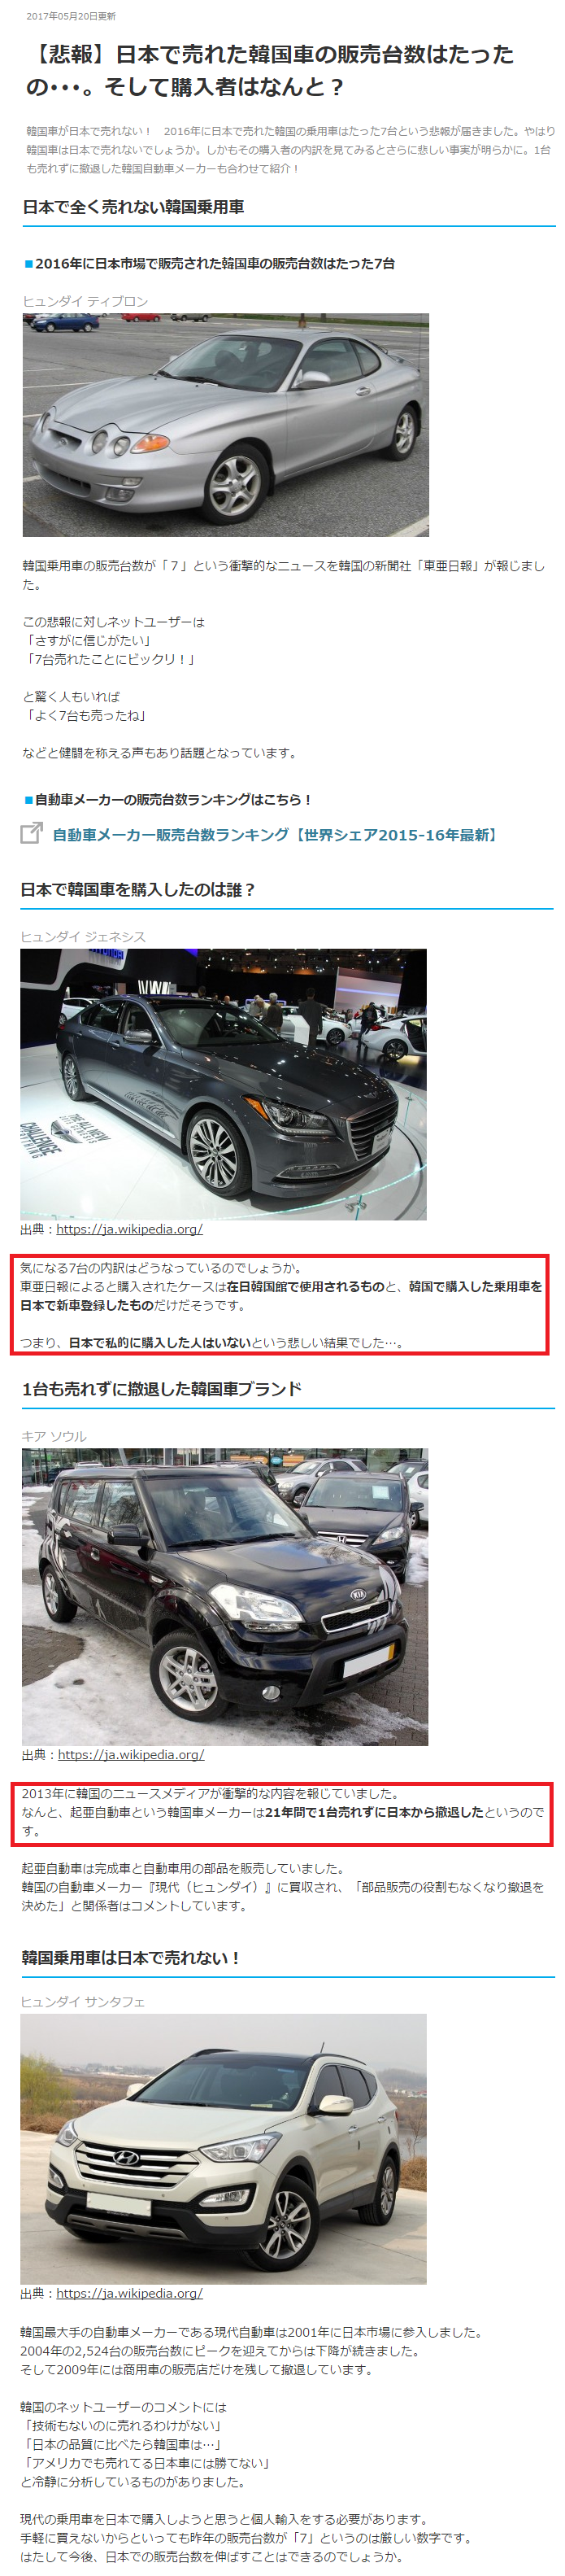 日本で昨年売れた韓国乗用車、たった7台3